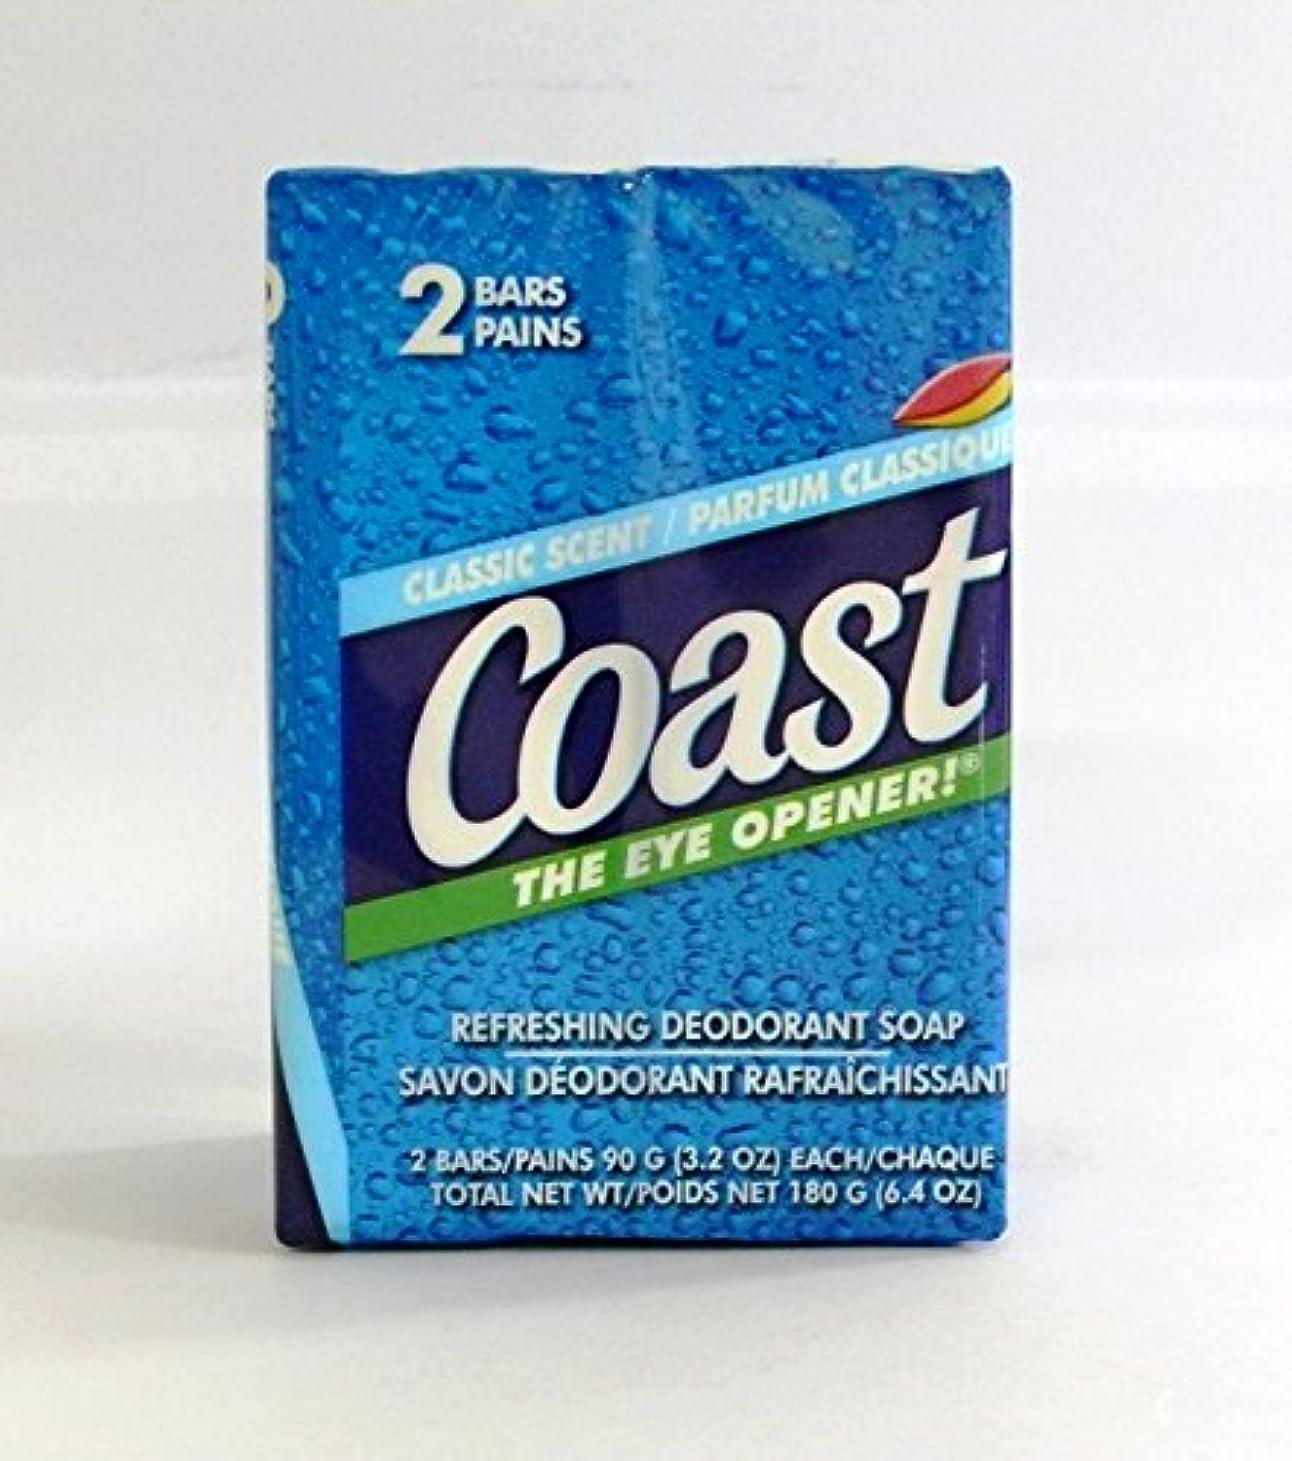 見込み放出ハードコースト 固形石鹸 クラシックセント 90g 2個入